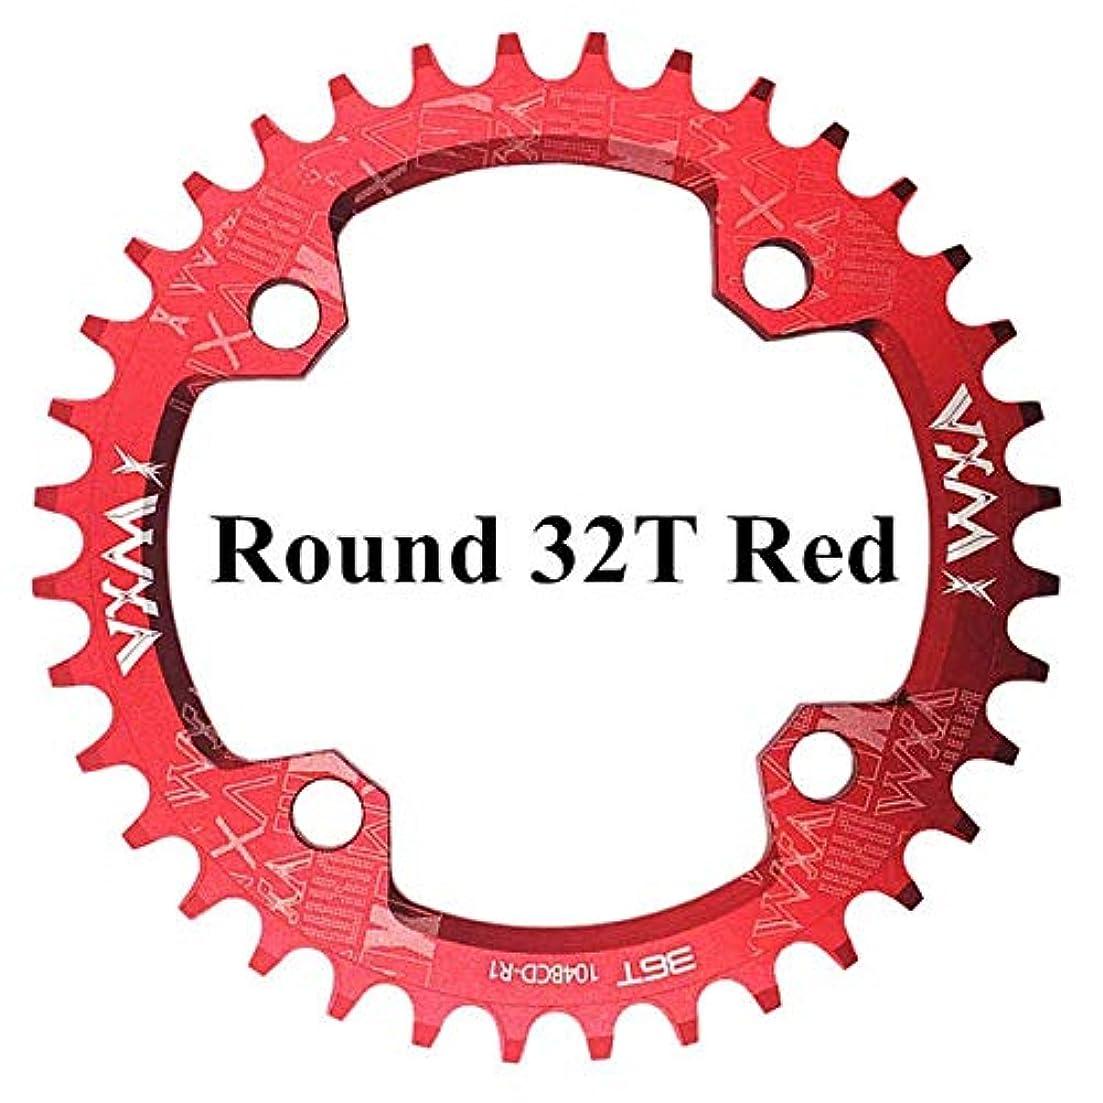 Propenary - 自転車104BCDクランクオーバルラウンド30T 32T 34T 36T 38T 40T 42T 44T 46T 48T 50T 52TチェーンホイールXT狭い広い自転車チェーンリング[ラウンド32Tレッド]